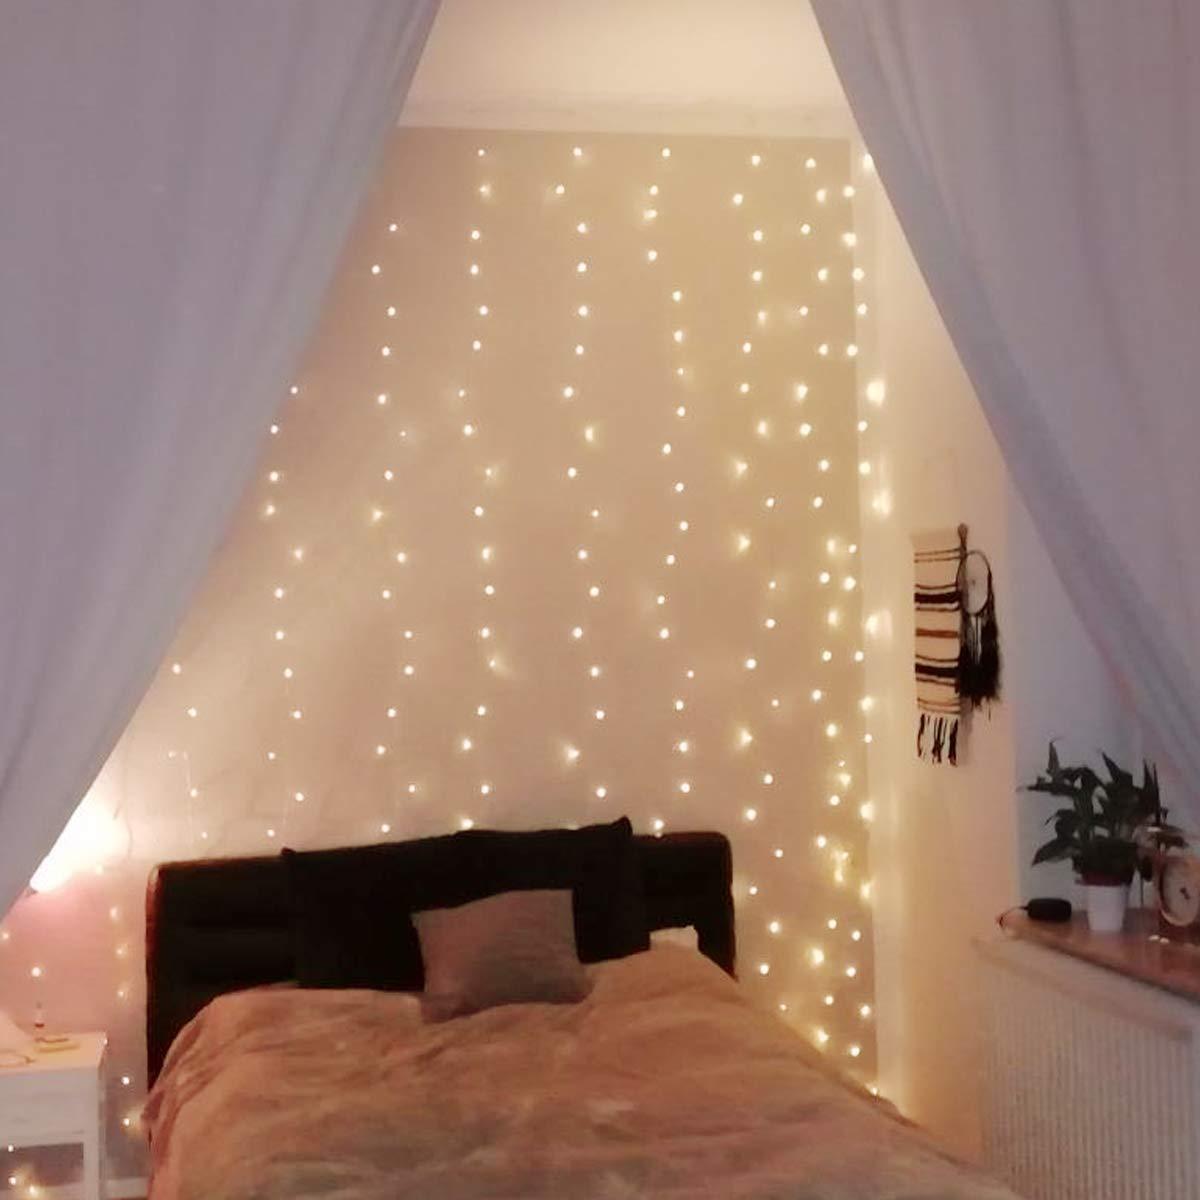 LE 3x3m 300LED Cortina de Luces LED con Gancho y Colgante de Cristal, 8 Modos de Luz, Blanco Cálido, Decorativas Cobre Luz Resistente al Agua para Romántico Boda, Navidad, Fiesta, Jardín: Amazon.es: